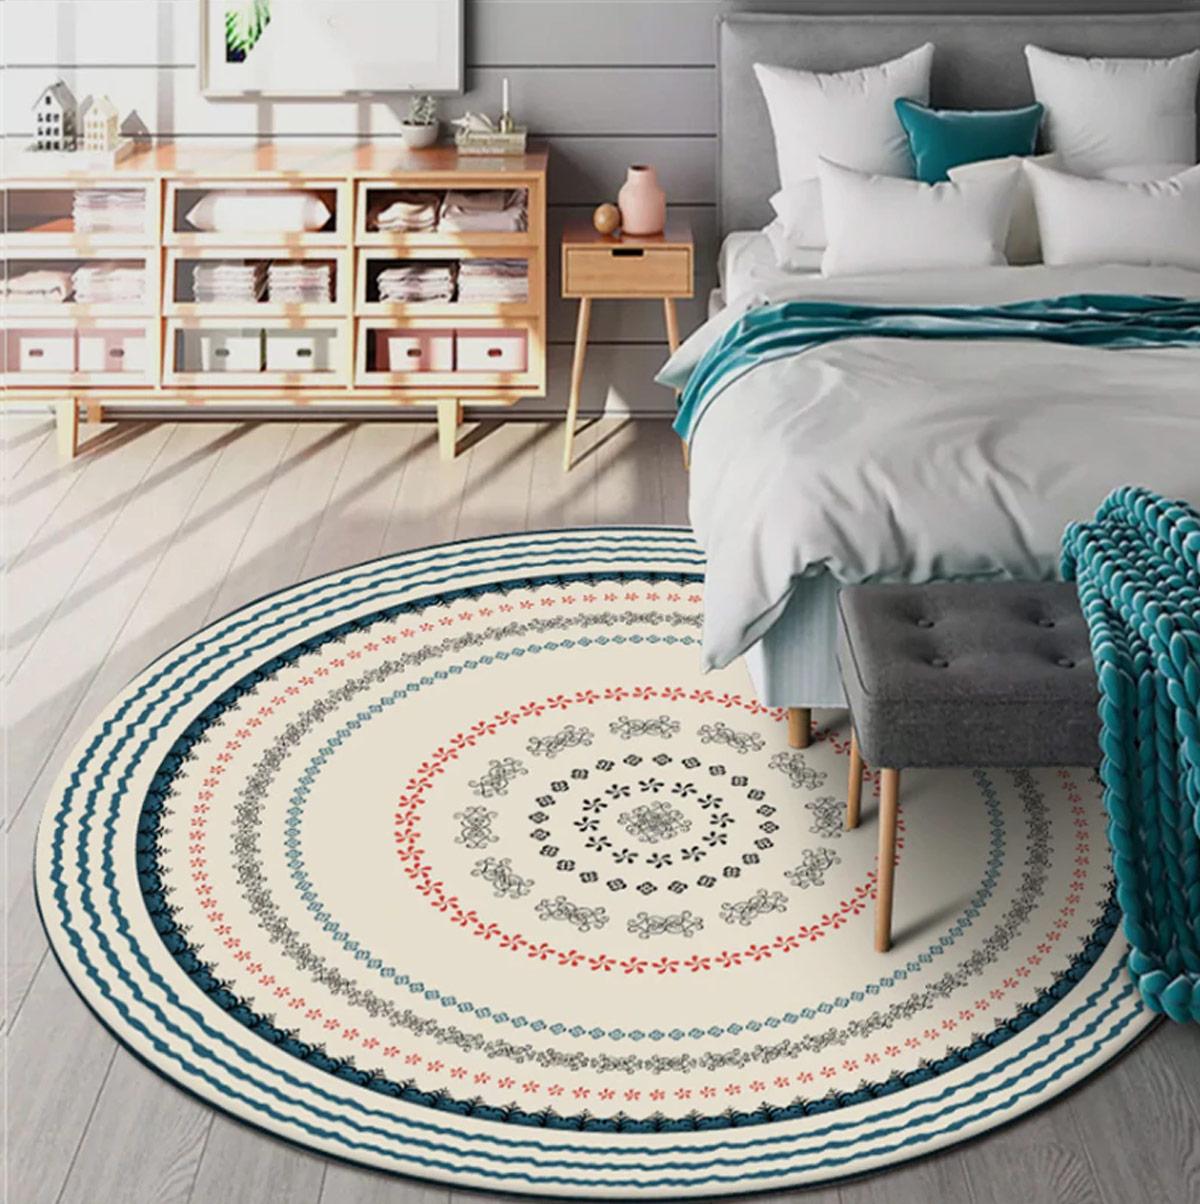 Bật mí những cách trang trí phòng ngủ 'cực chill' mà bạn nên thử - Ảnh 20.